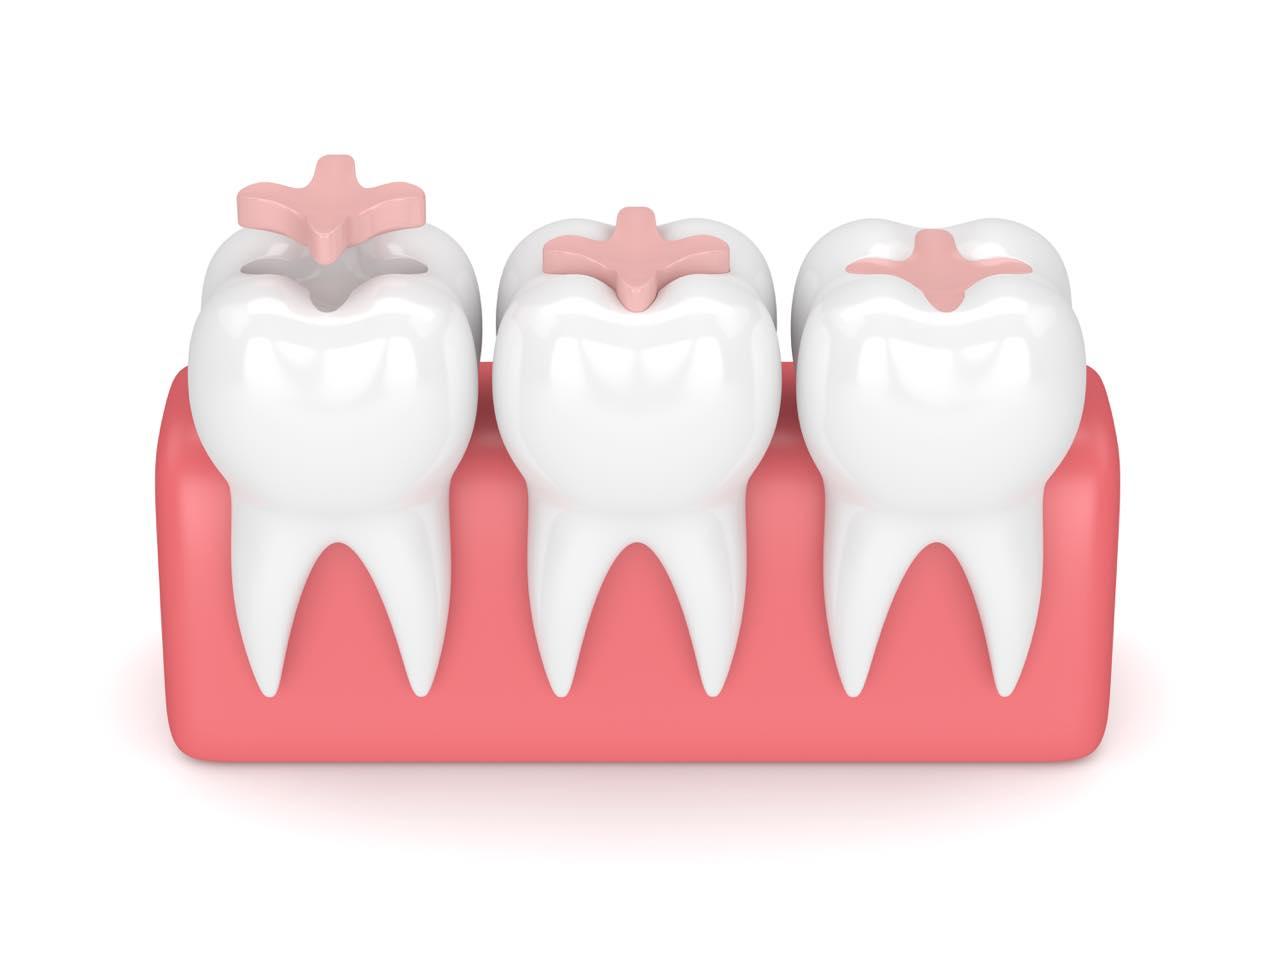 セラミックインレーを詰めた後に歯がしみる5つの原因と5つの対処法